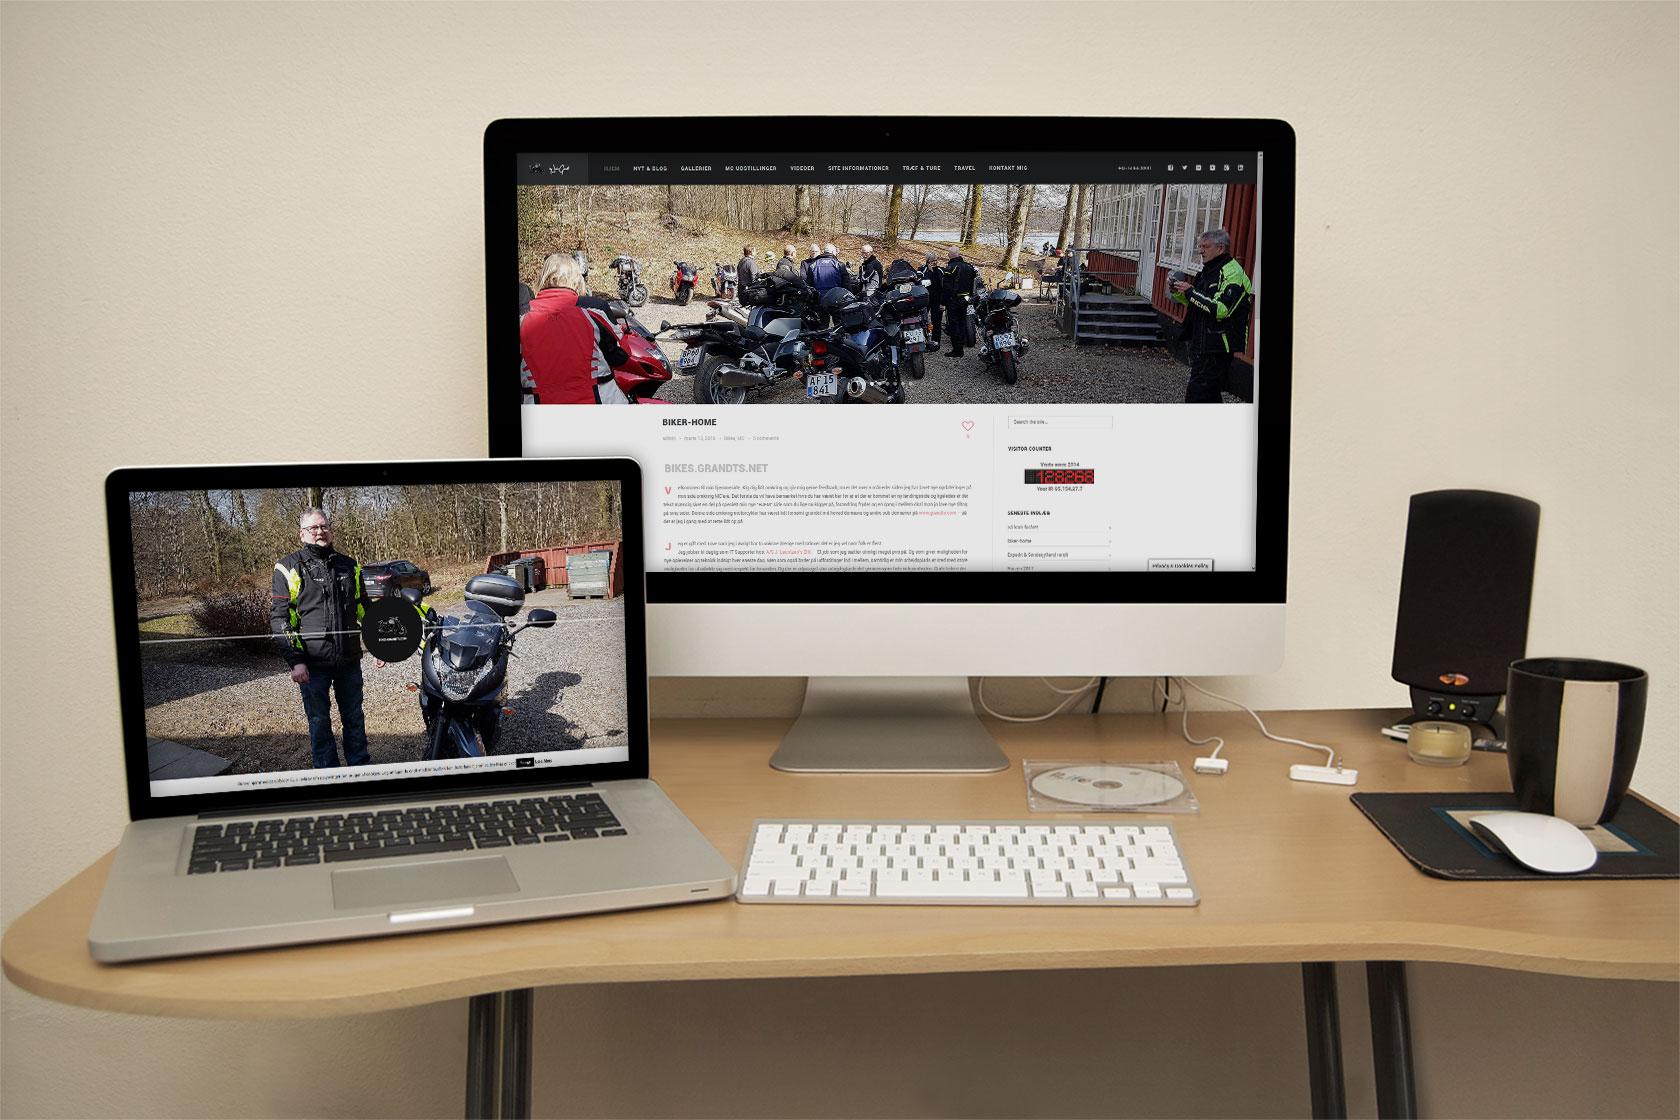 bikes-grandts-com